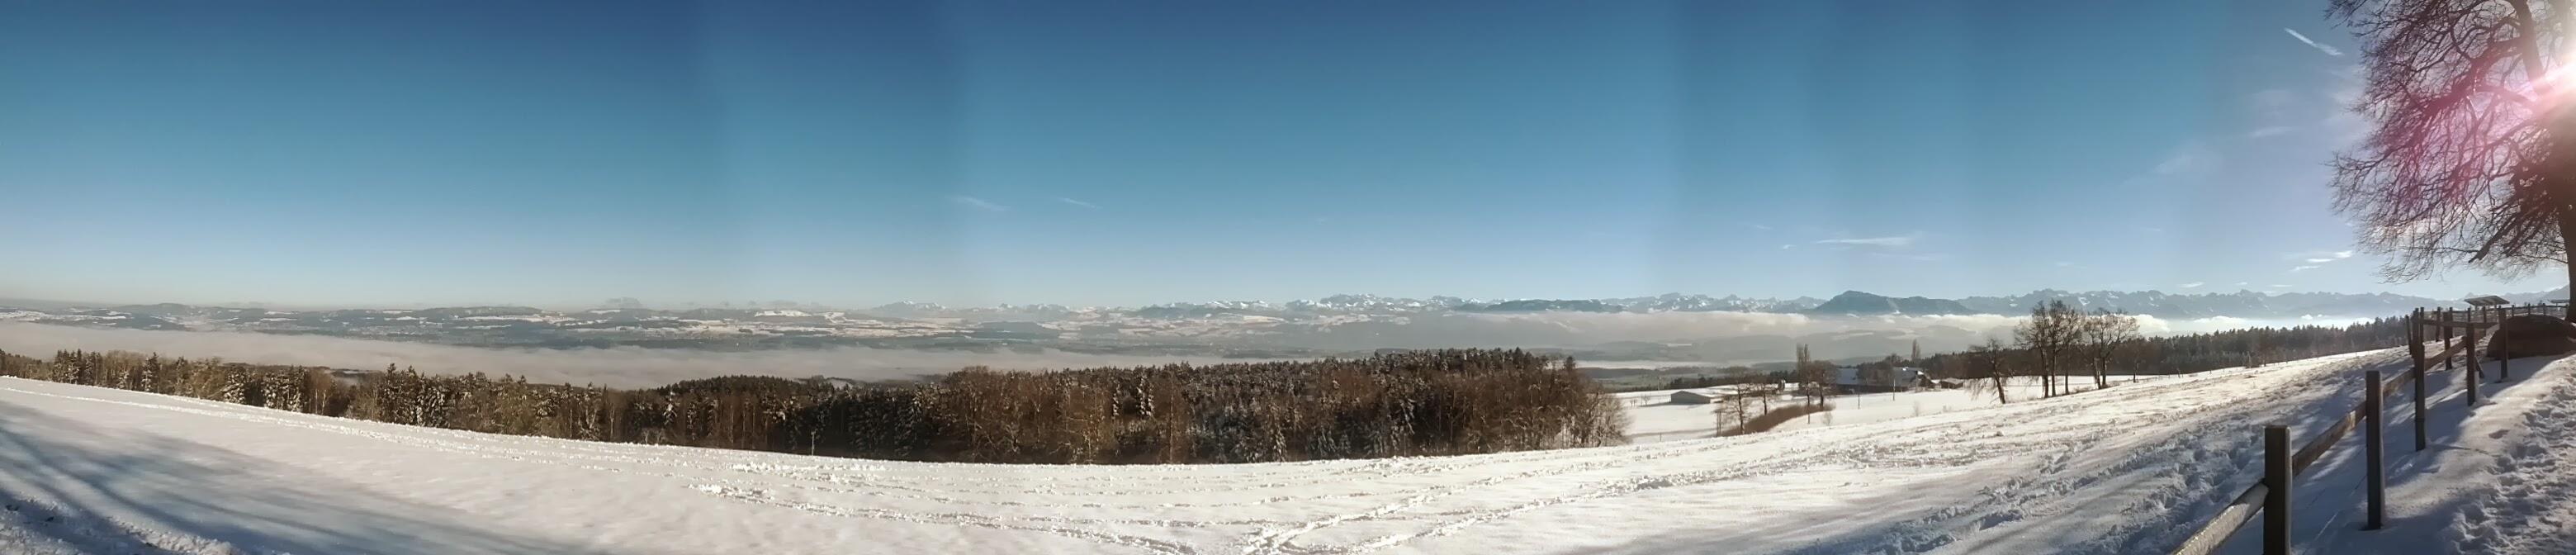 Panorama blauer Himmel